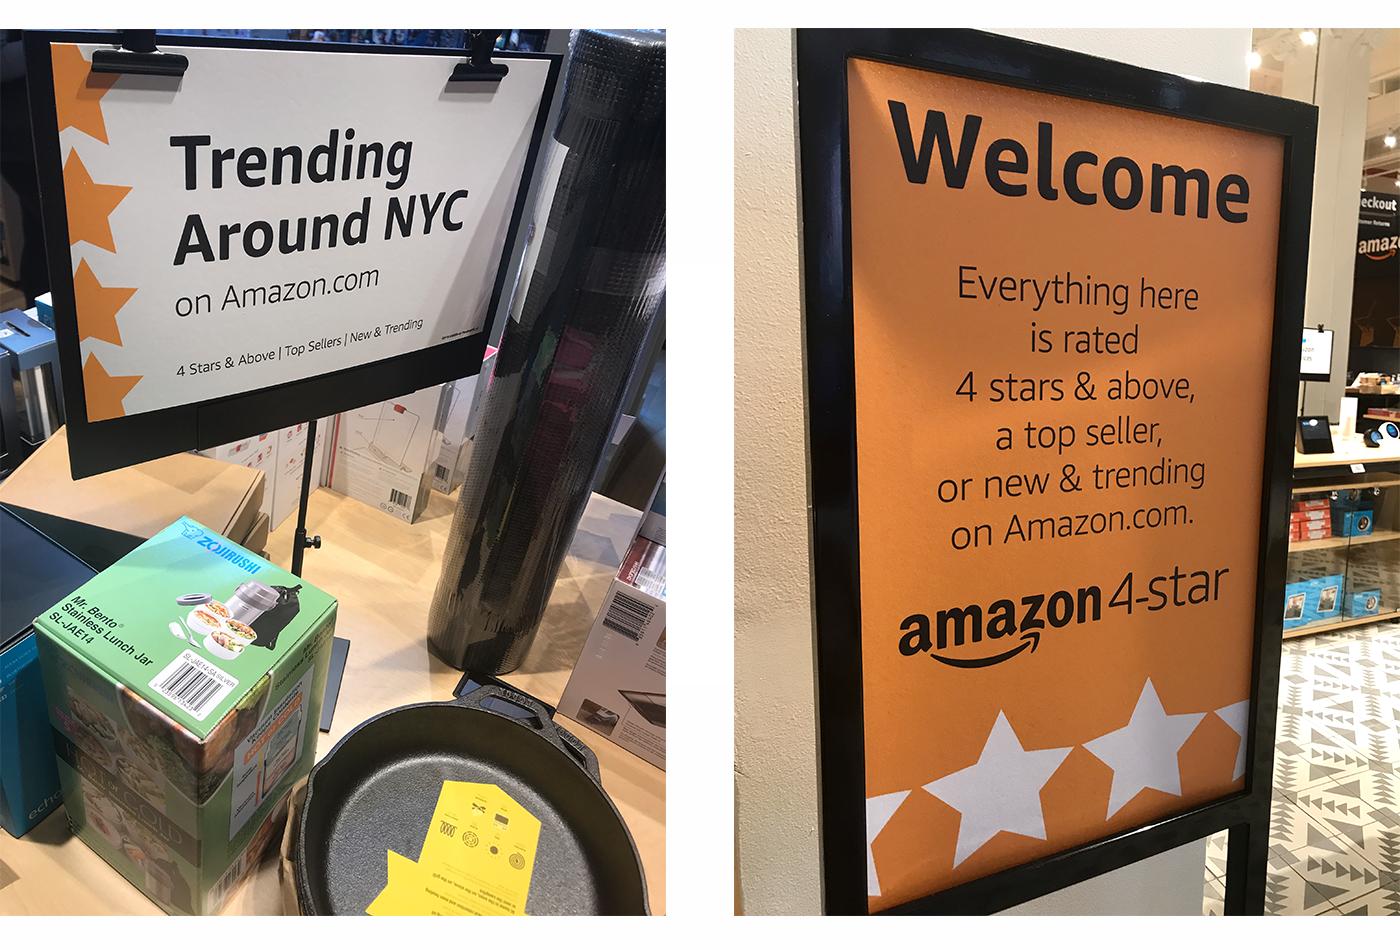 trending-around-NYC-4stars-and-above